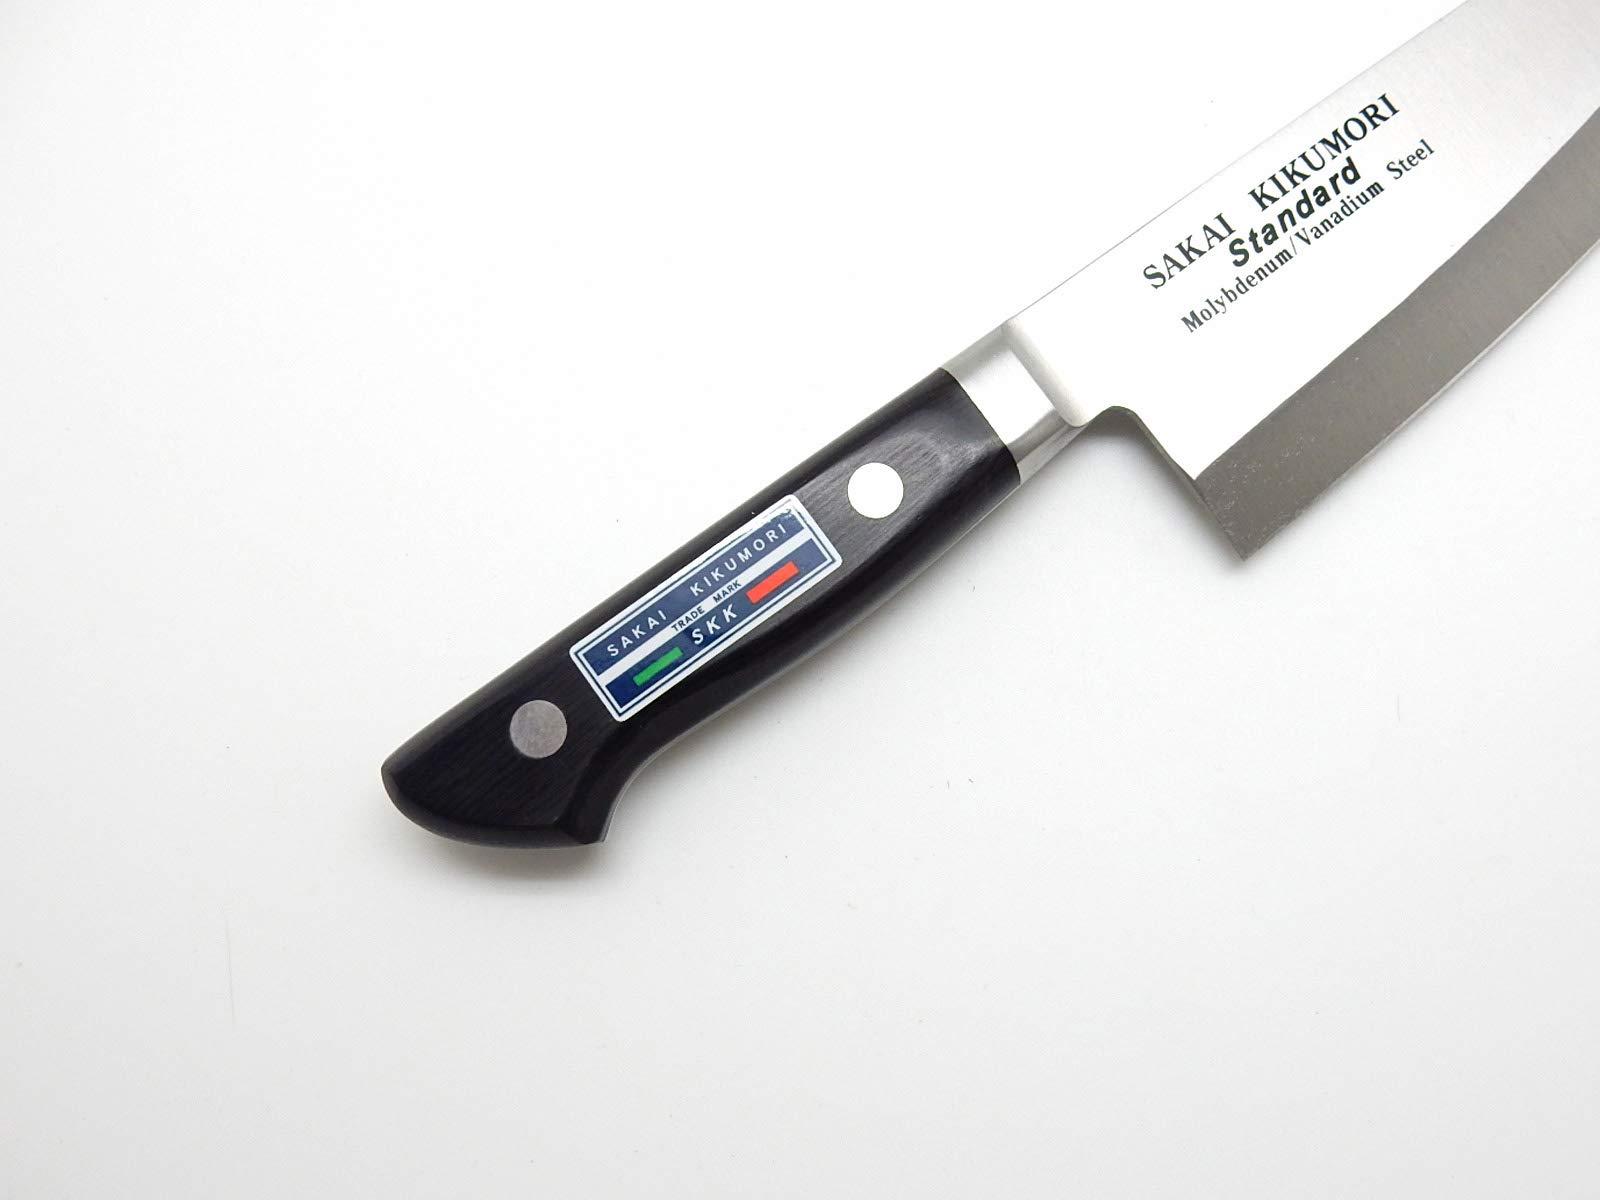 SAKAI KIKUMORI Standard Molybdenum/Vanadium Steel, Japanese Deba Knife 165mm/6.5'' by SAKAI KIKUMORI (Image #4)